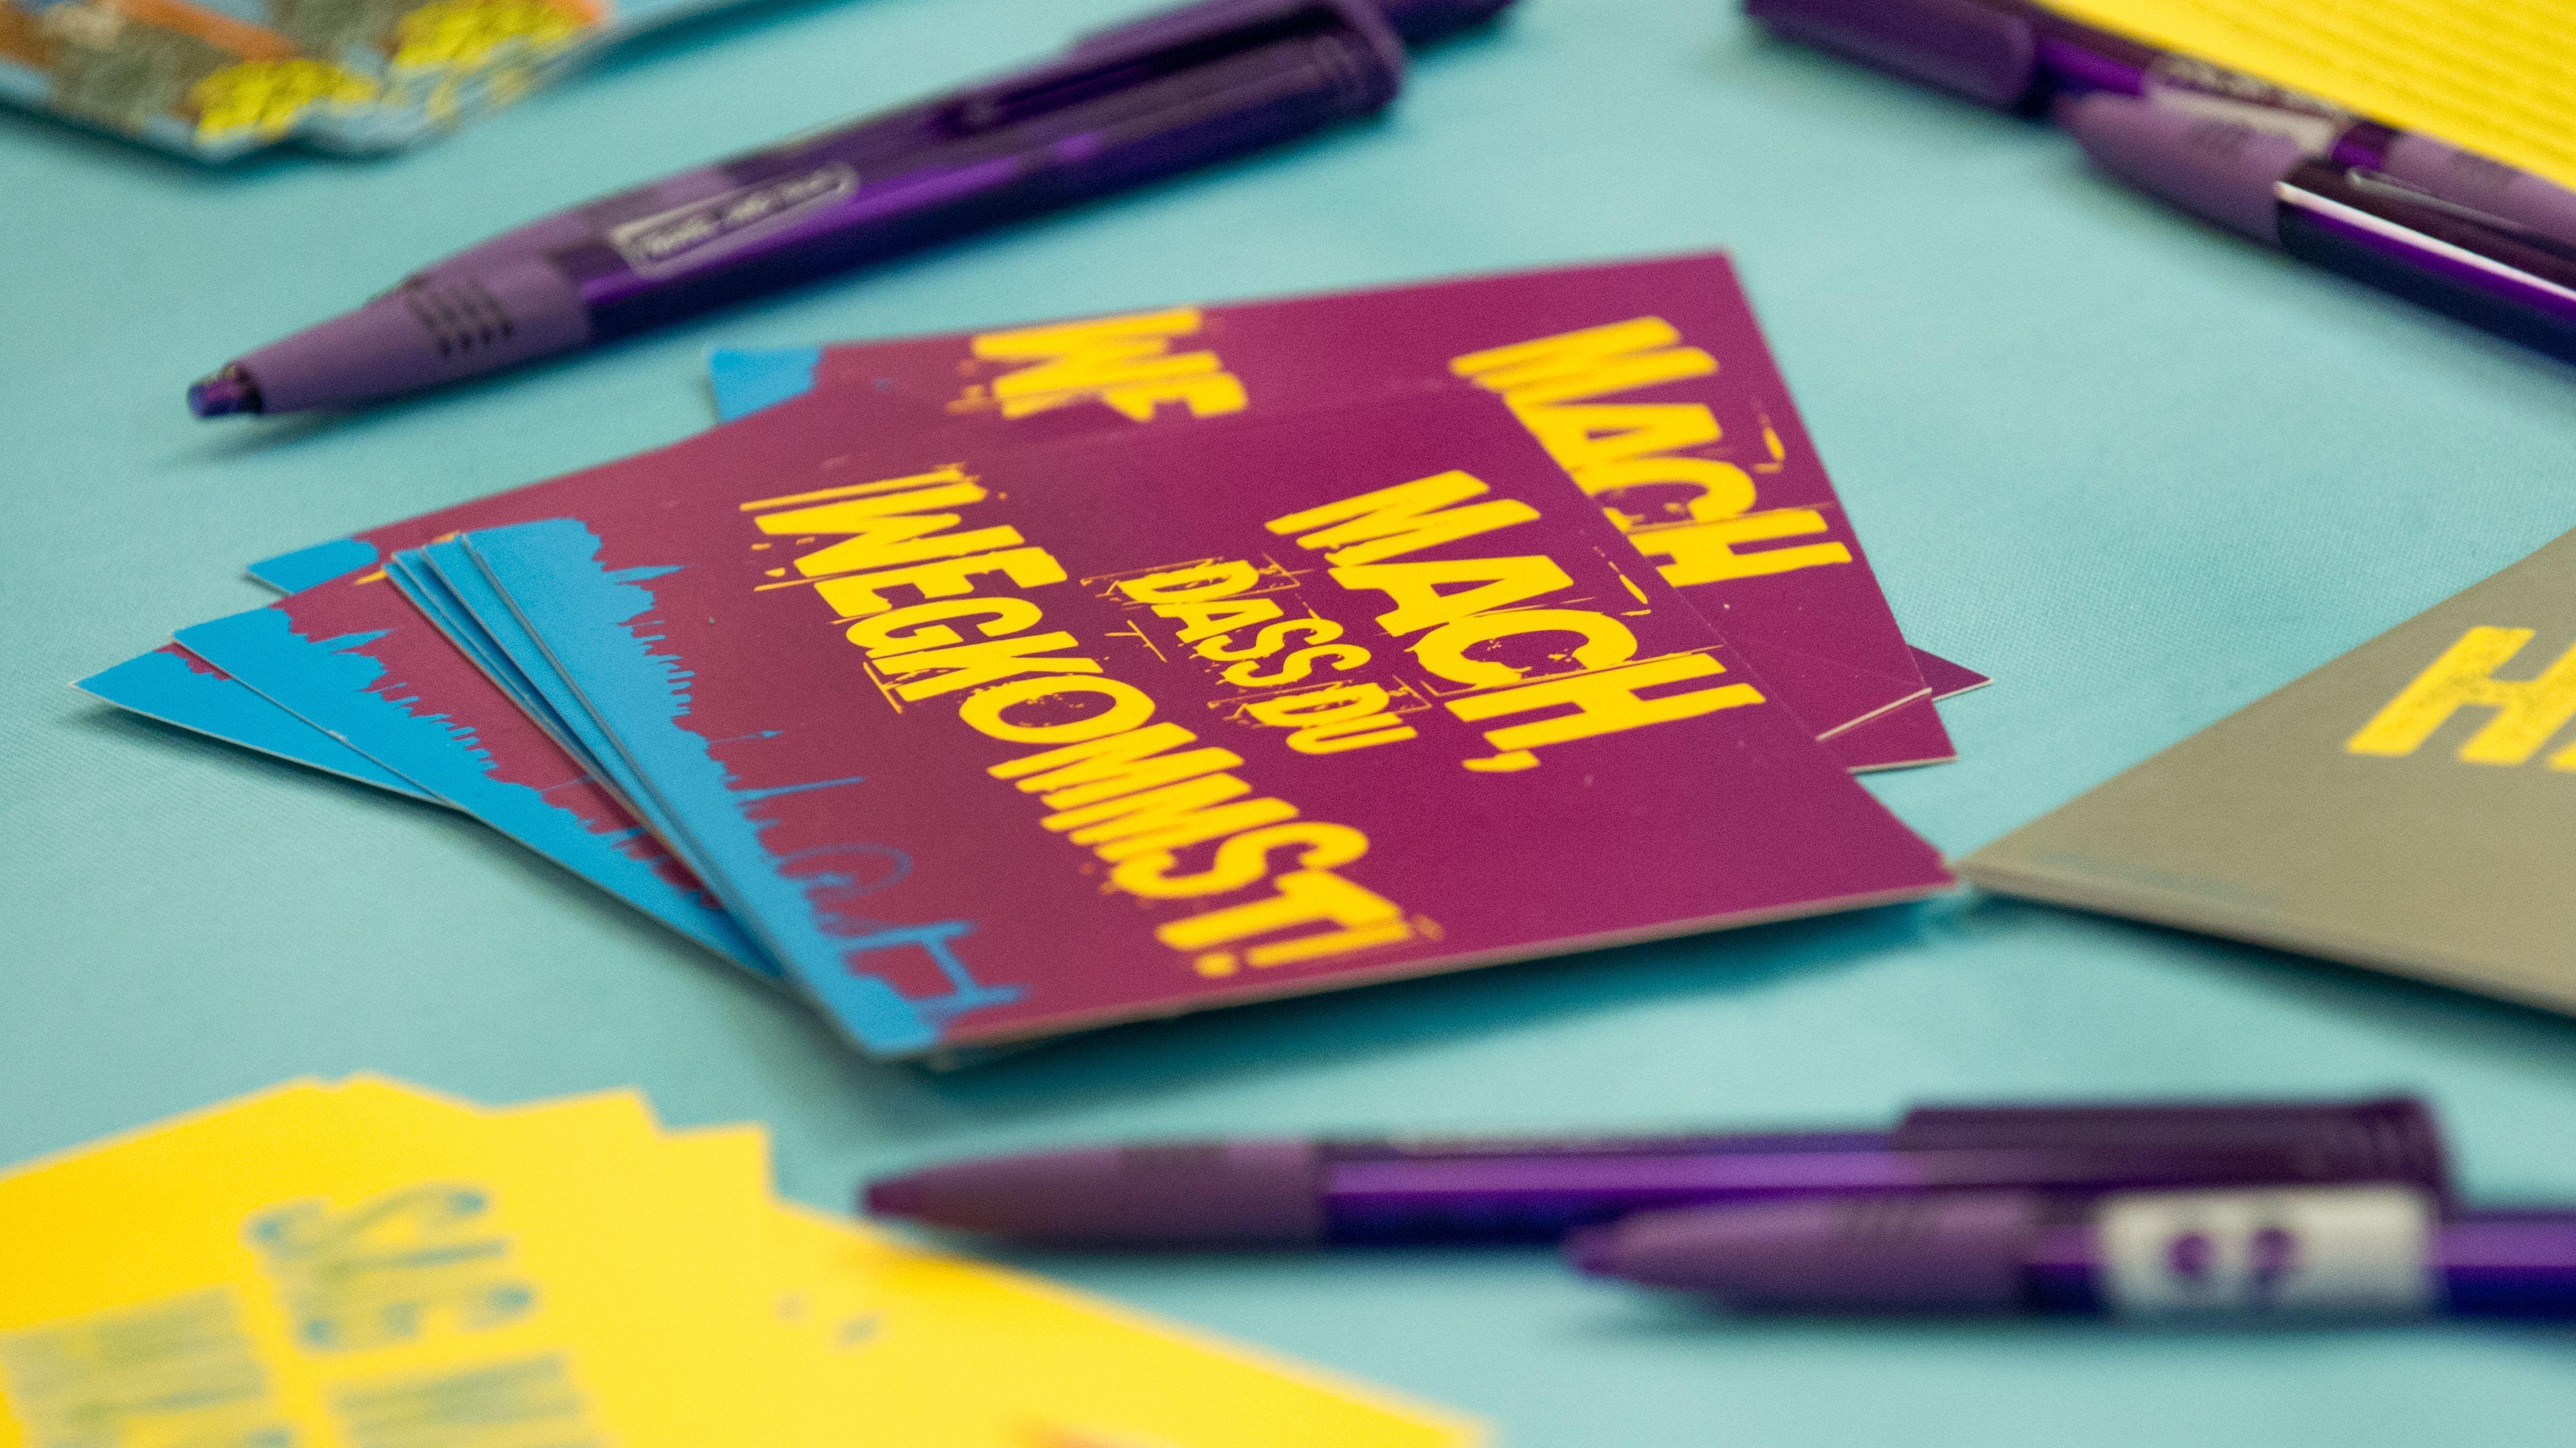 """Eine Postkarte mit der Aufschrift """"Mach, dass du wegkommst!"""" auf dem Tisch einer Schüler-Austausch-Messe"""